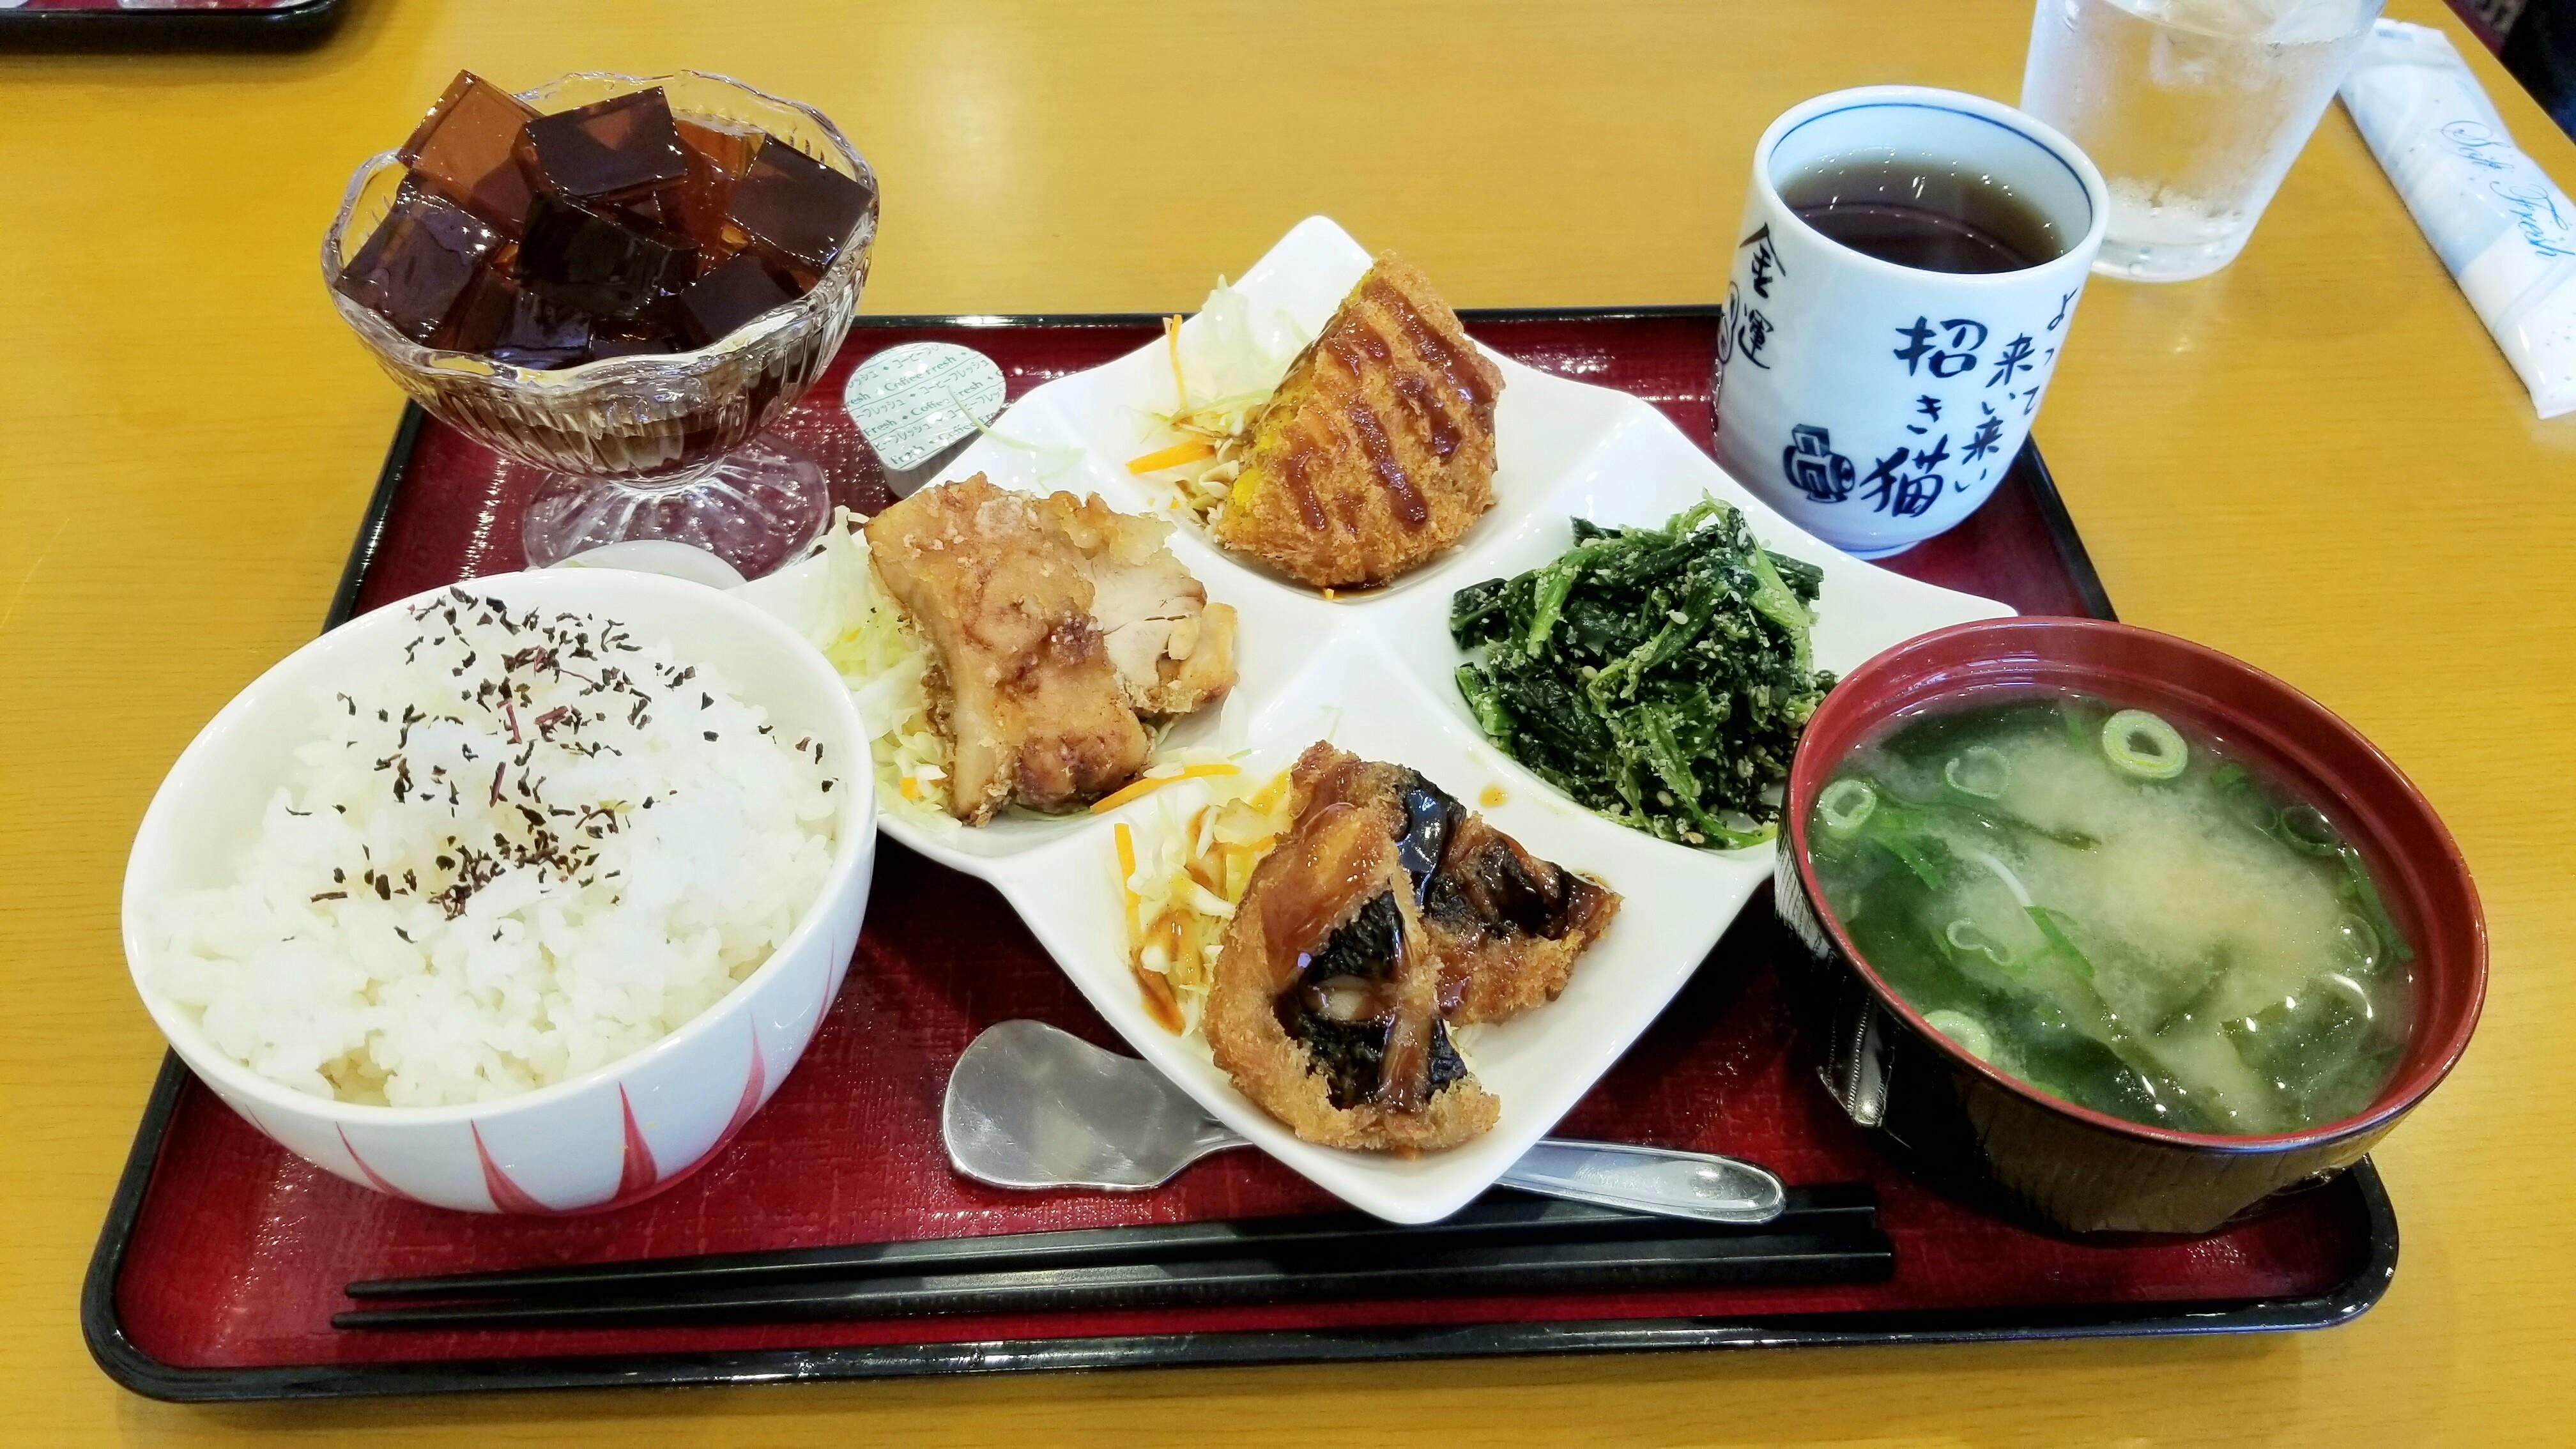 美味しいおすすめ日替わり定食ランチパスポート愛媛昼ご飯人気の本店